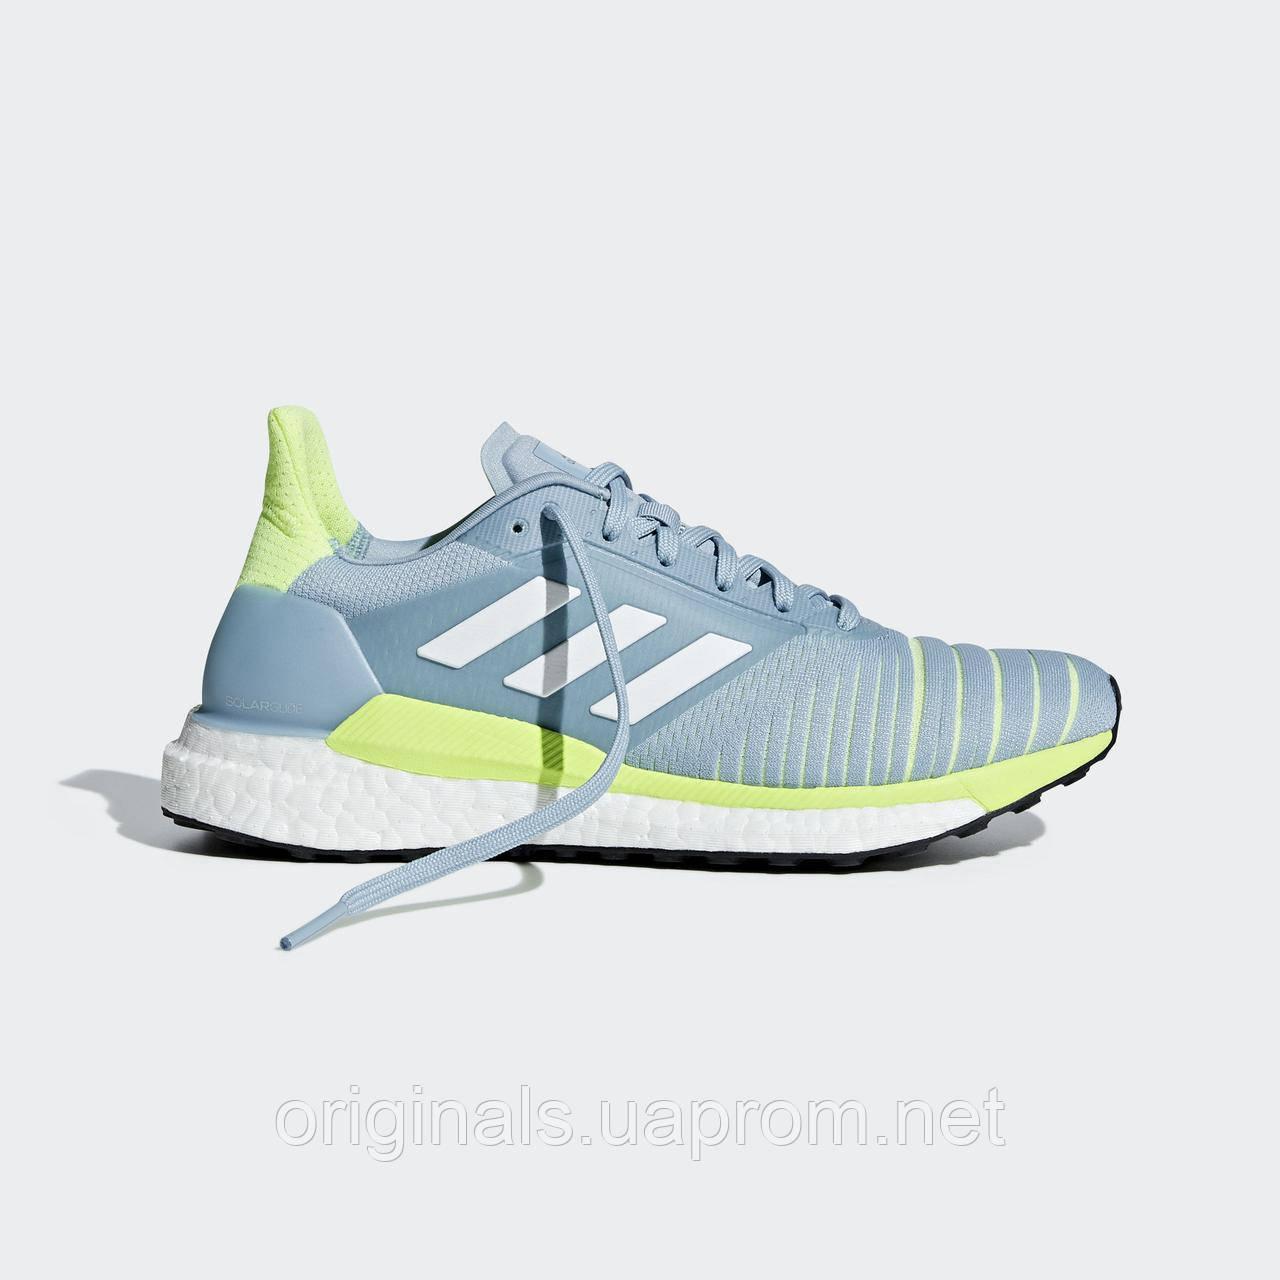 Беговые кроссовки Adidas Solar Glide D97427